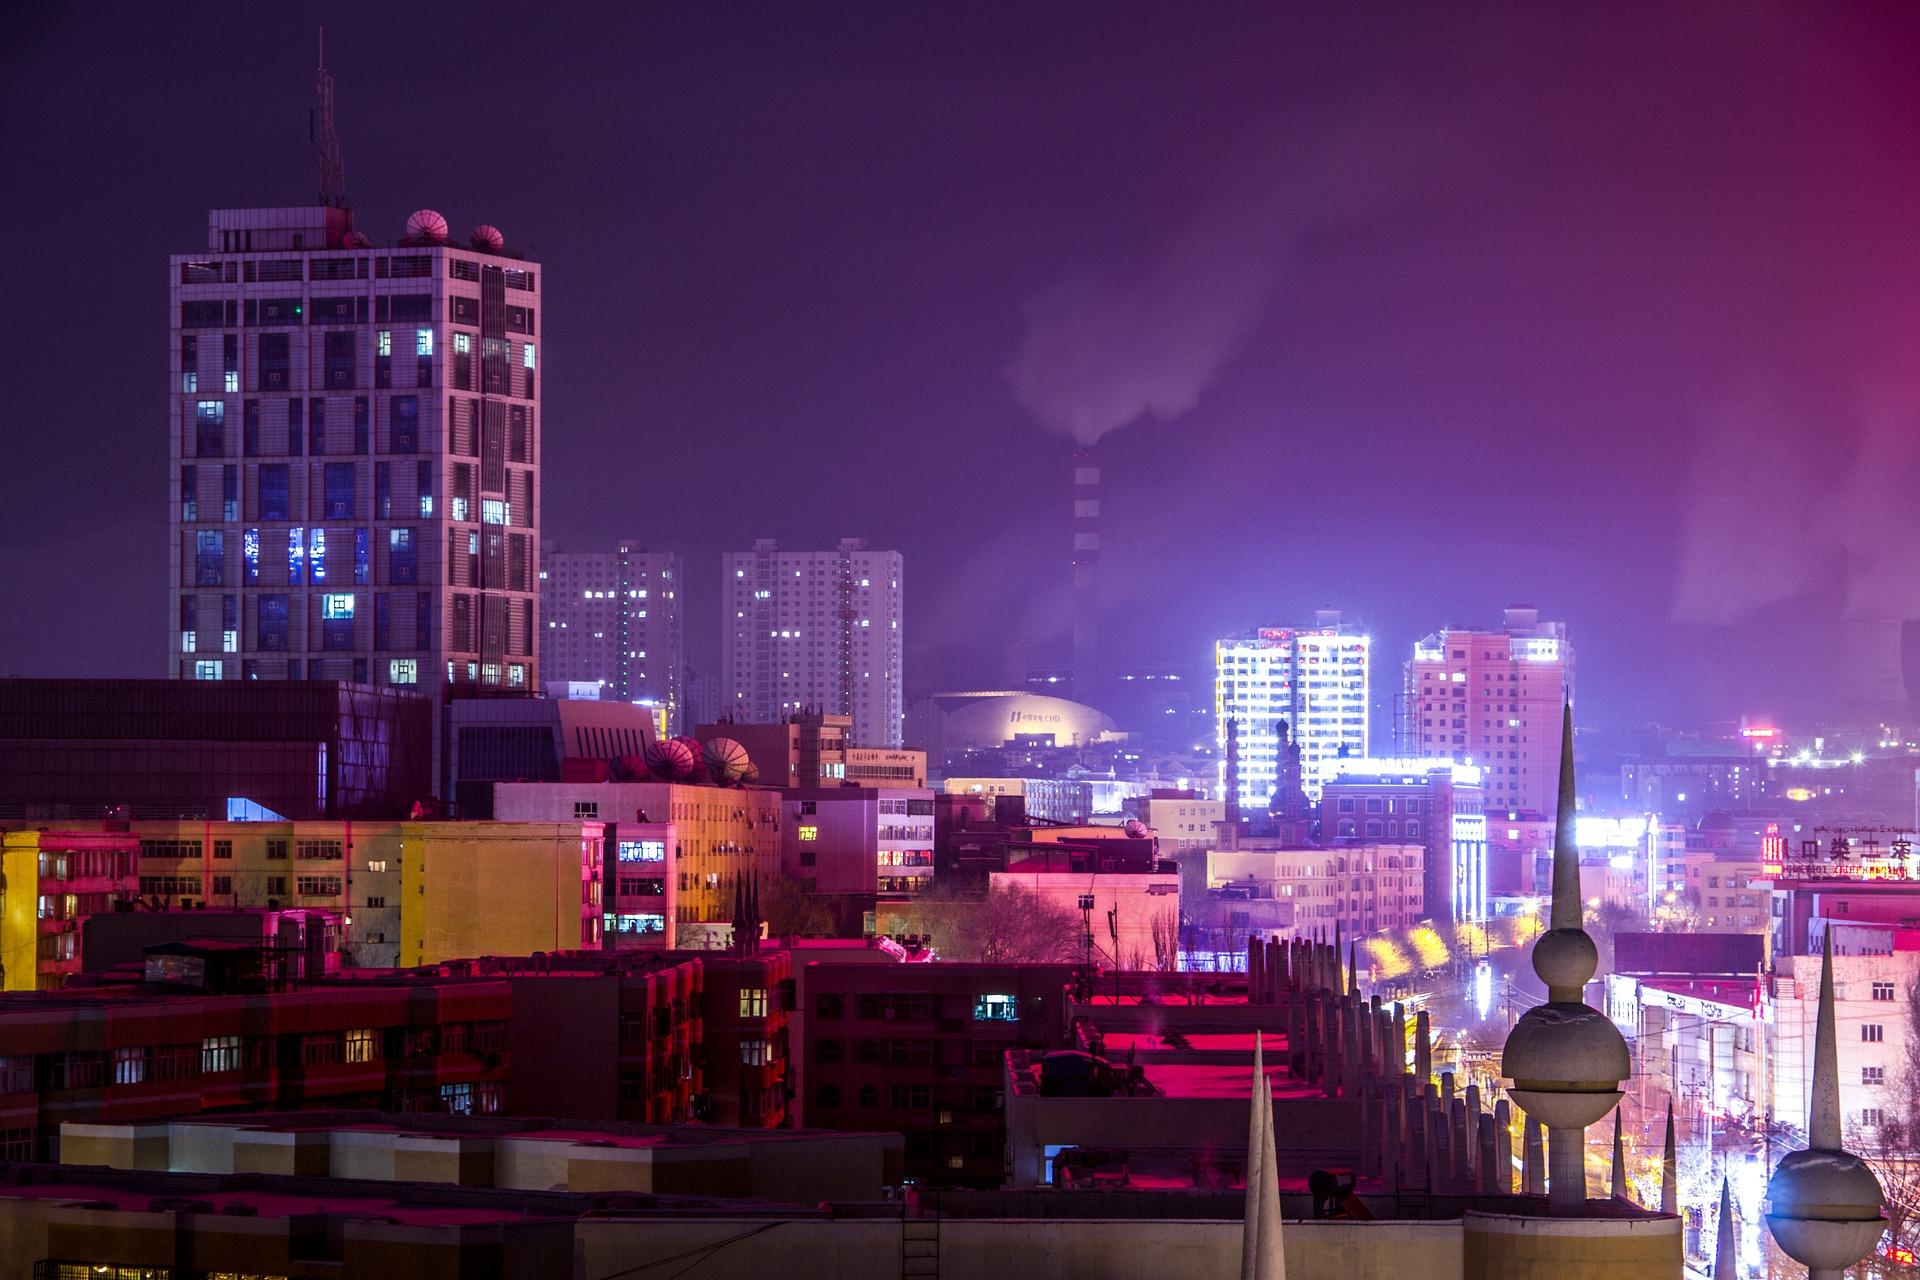 2022年 8/27 東方快車草原大漠13日 8/28 原居地—新疆烏魯木齊